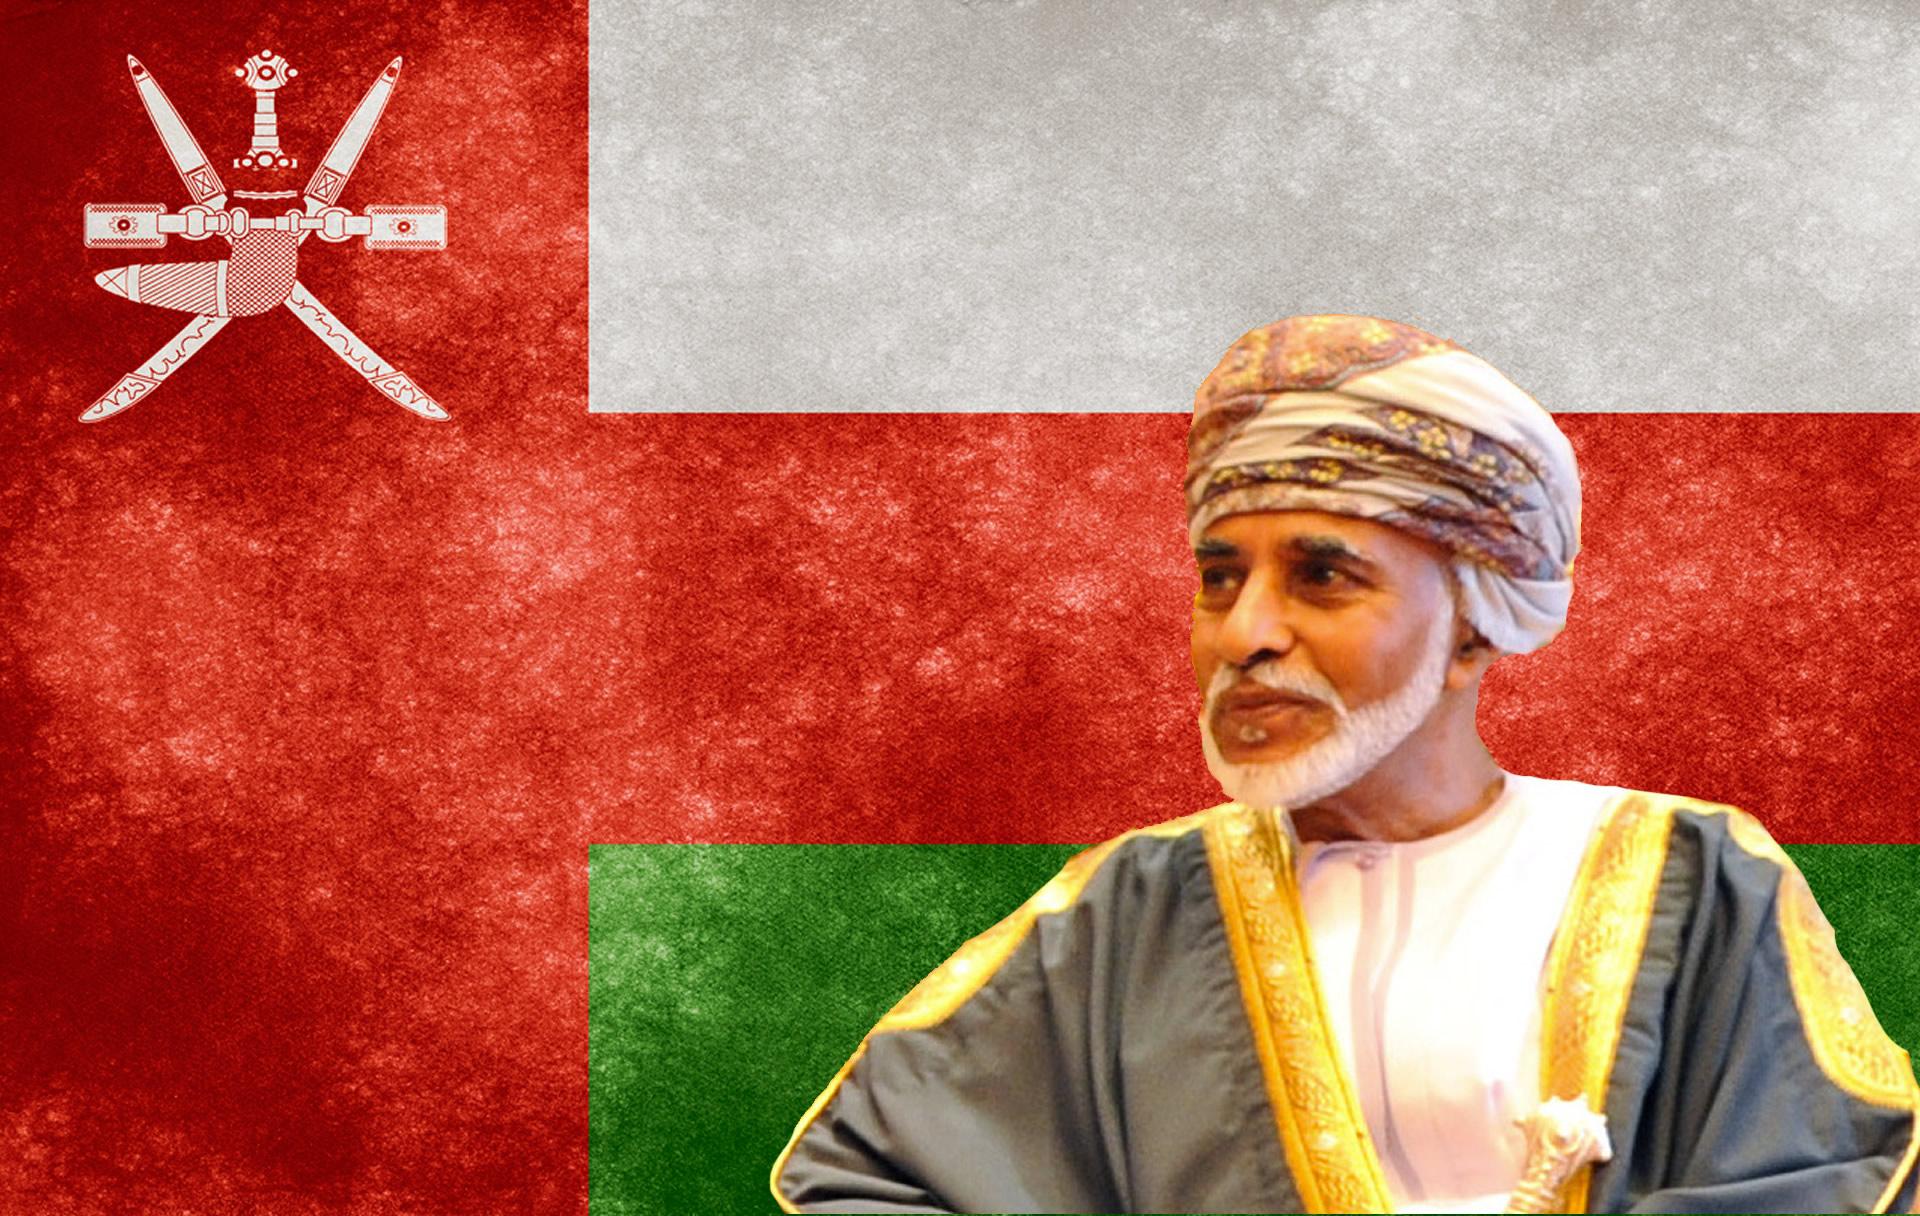 Sultan Qaboos of Oman